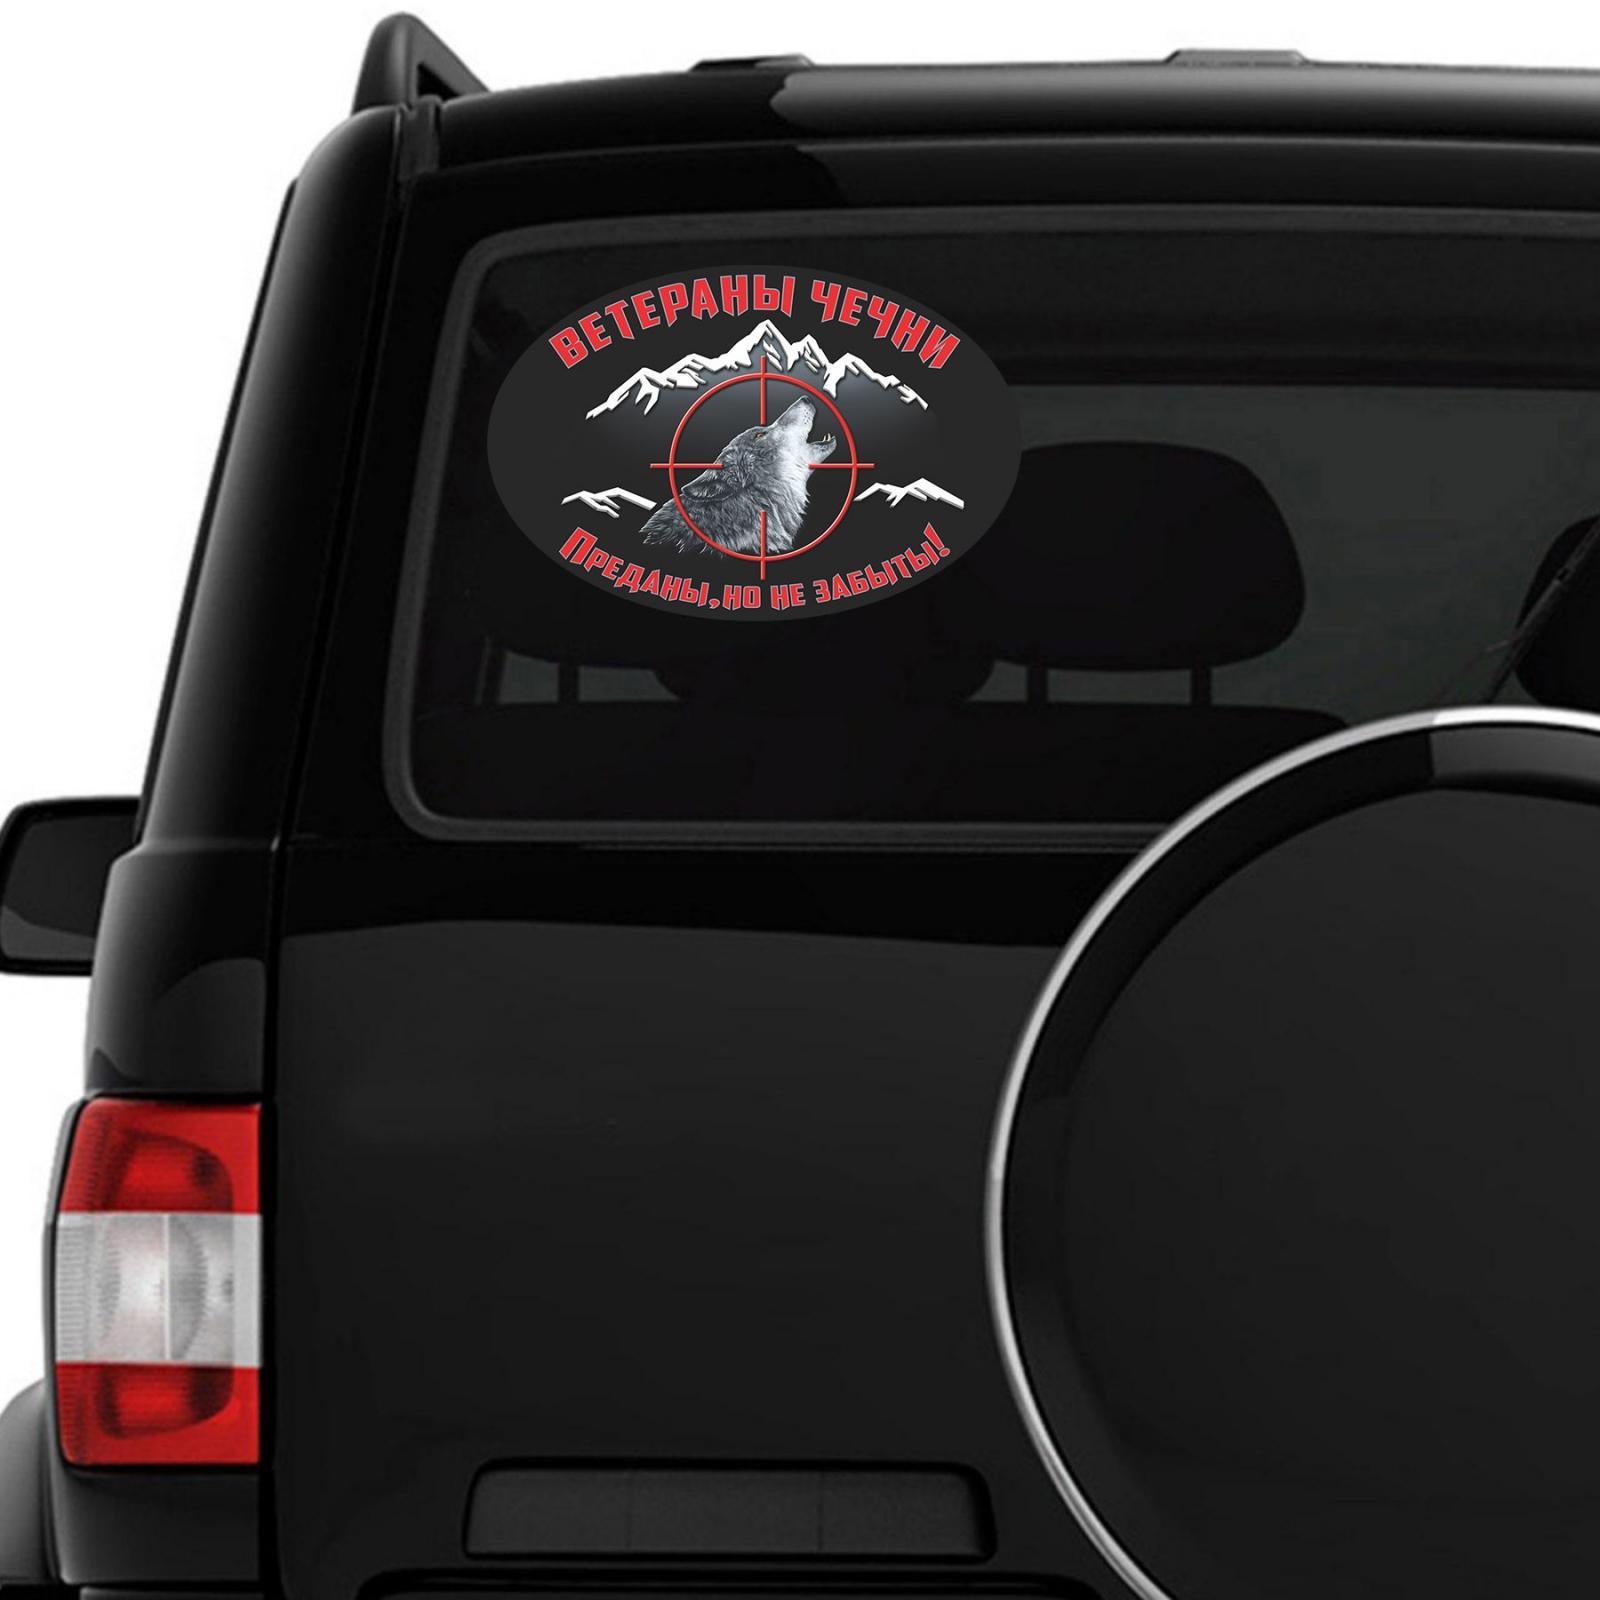 Наклейка на машину ветерану Чечни по лучшей цене